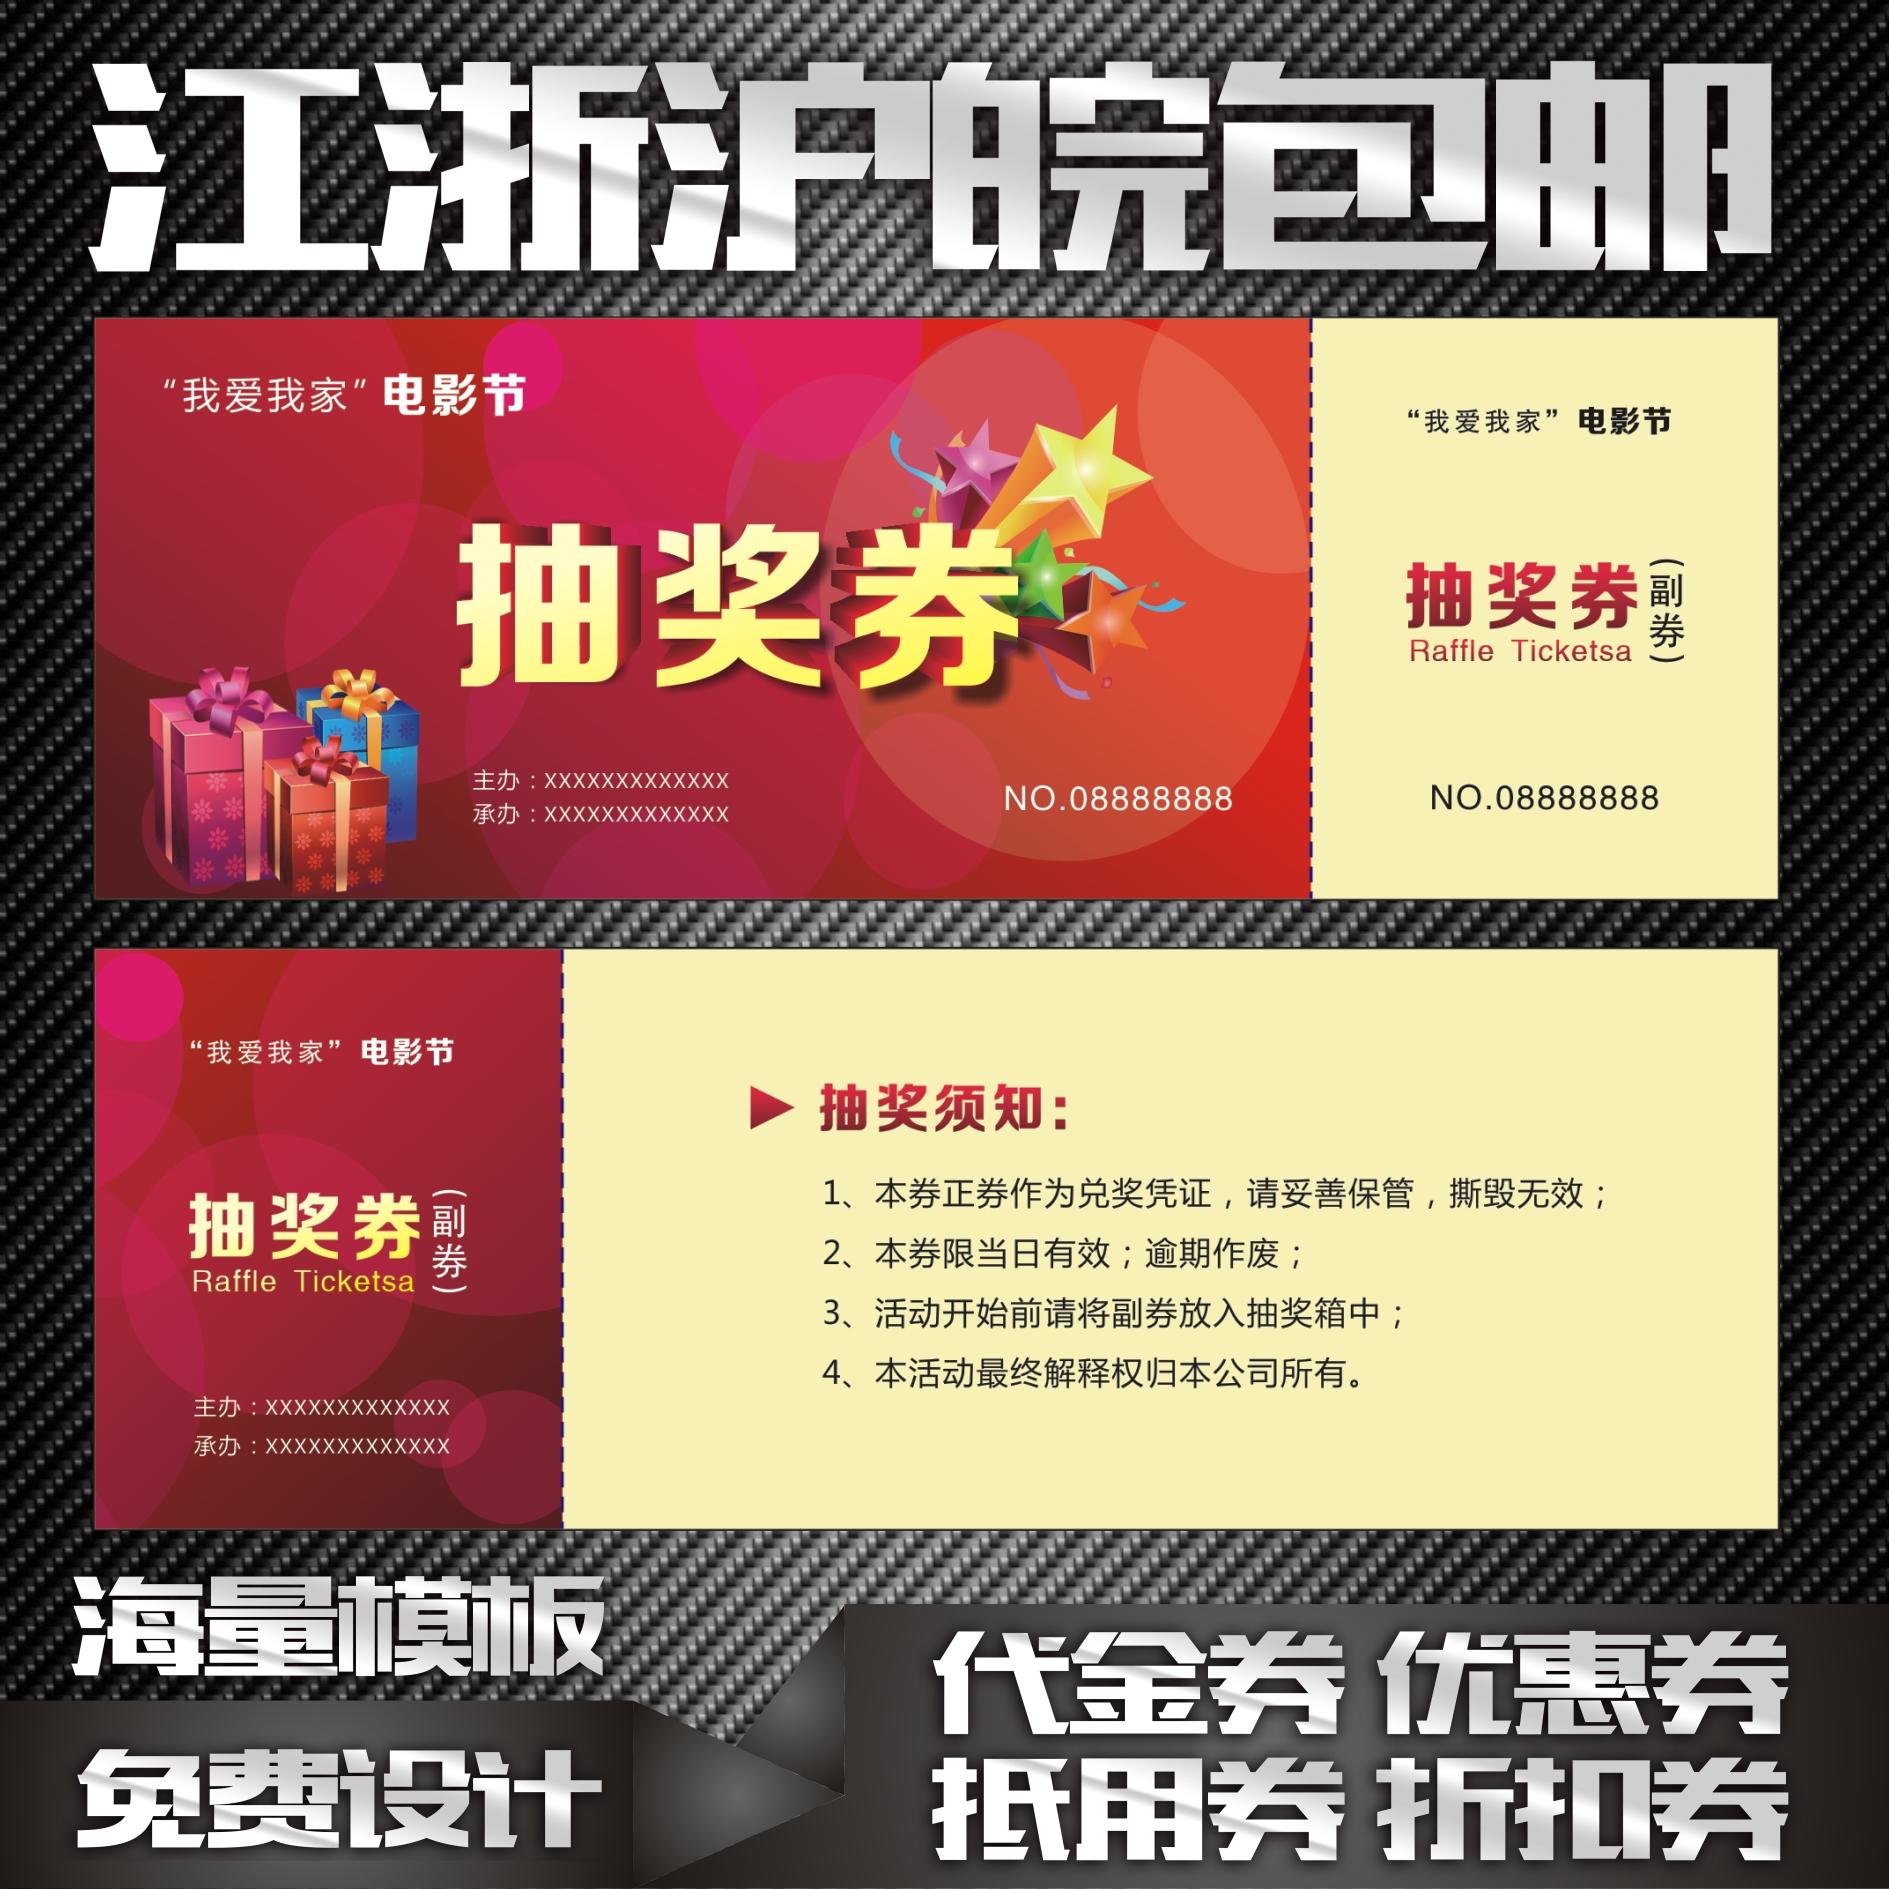 Ваучер билет печать купон производство дизайн билеты стандарт визитная карточка наличные билет ваучер объем привлечь награда билет печать